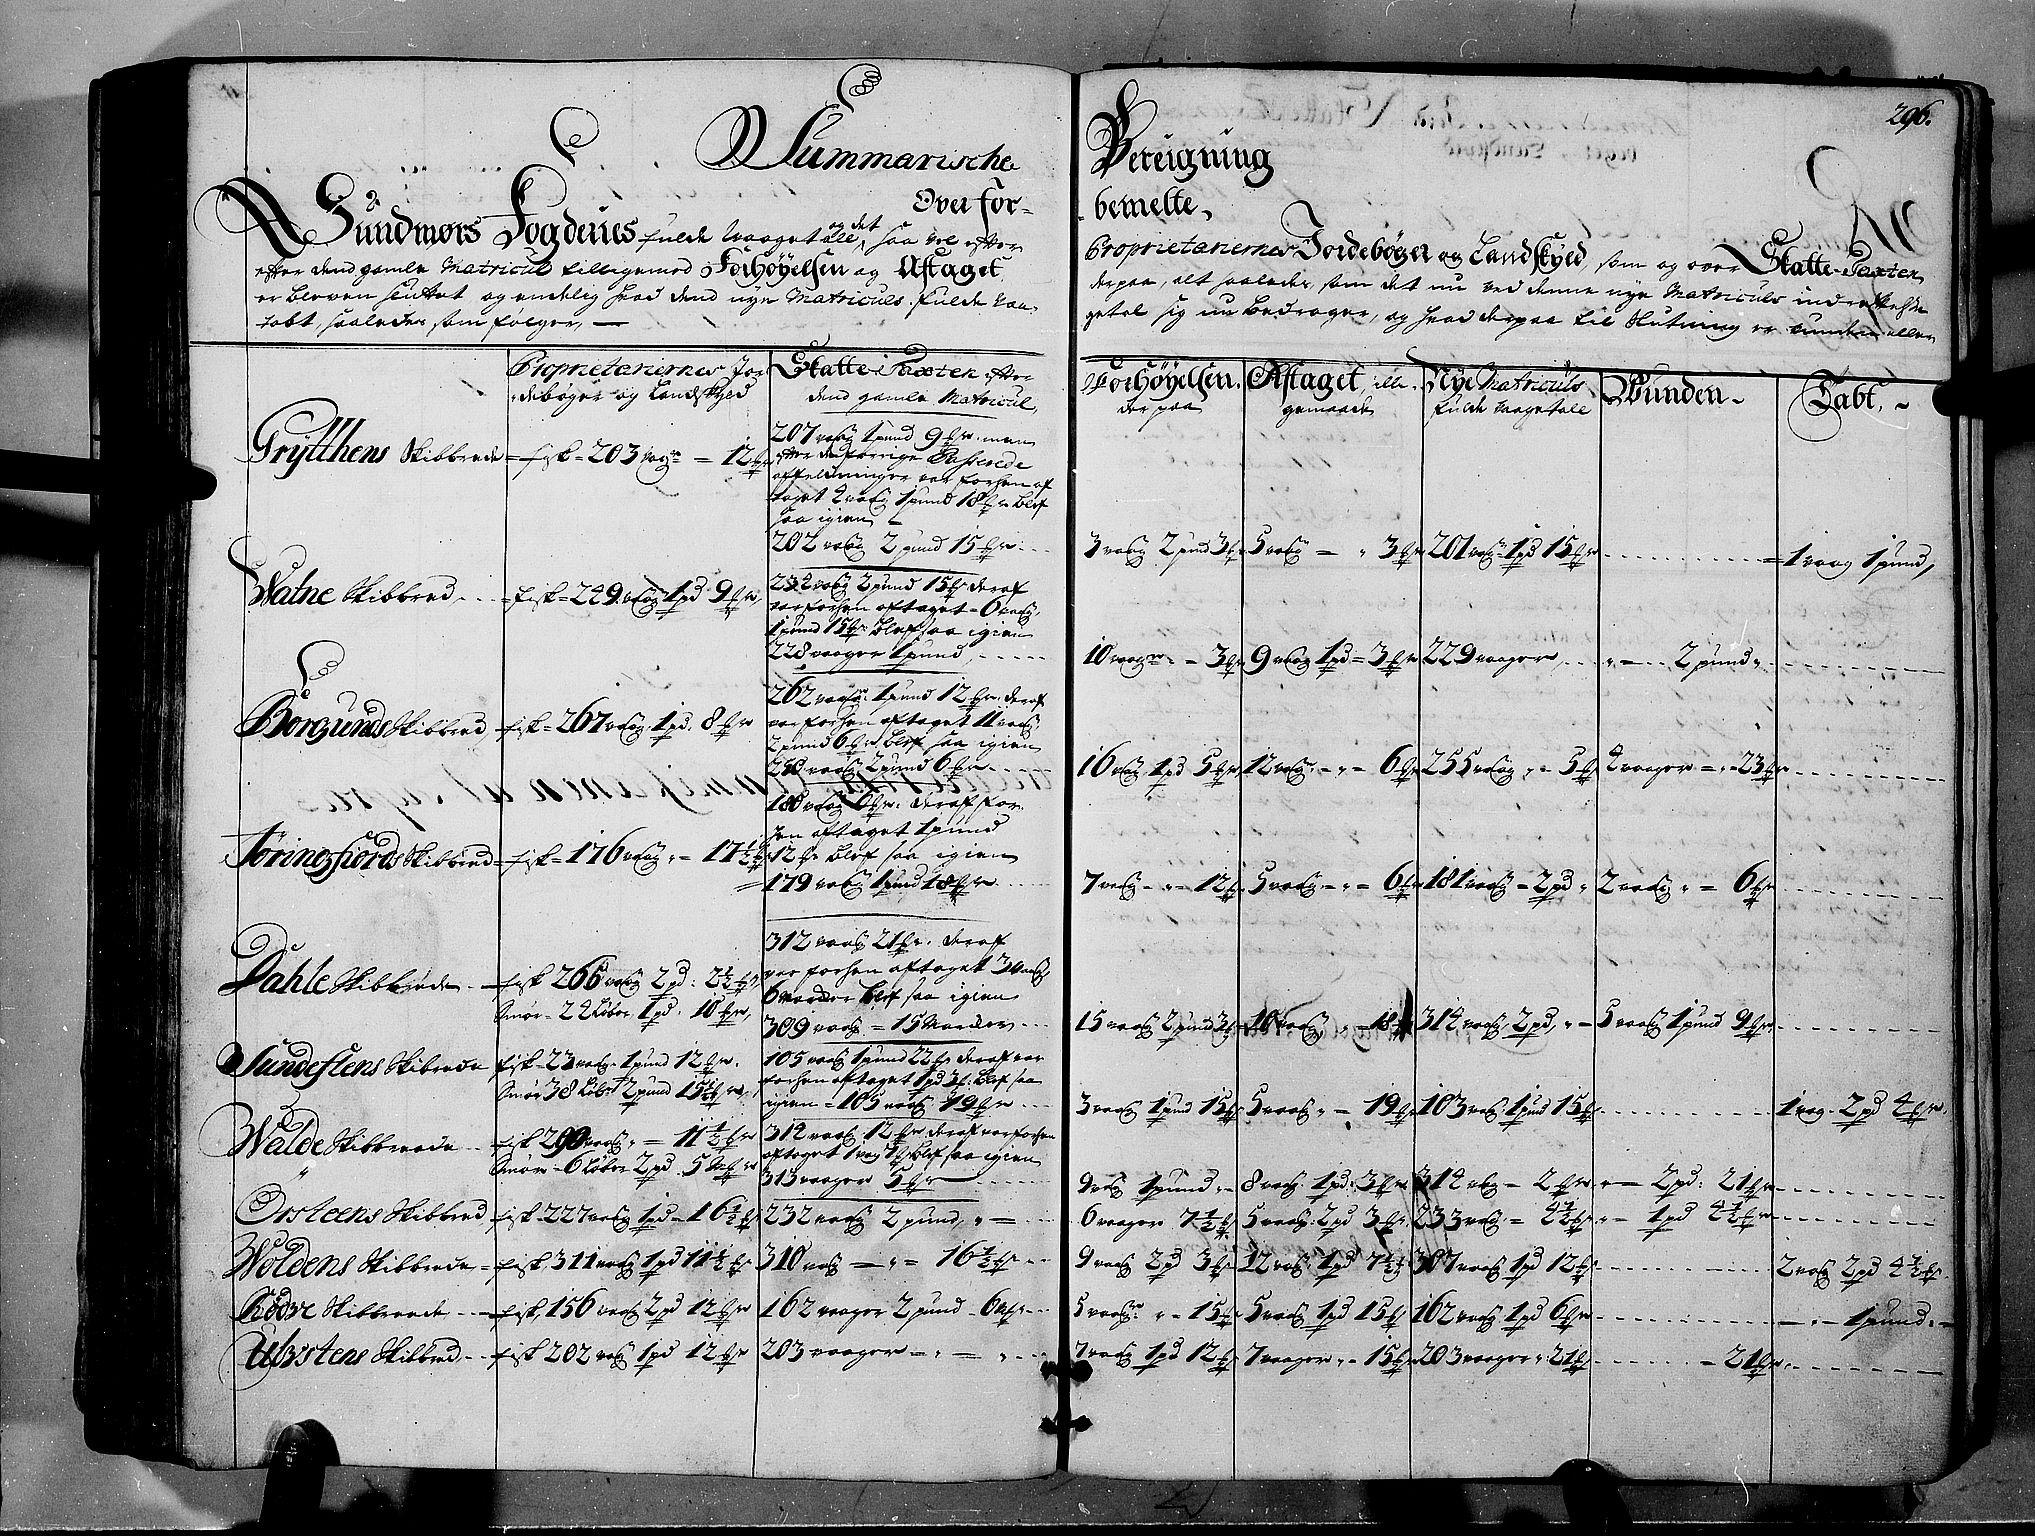 RA, Rentekammeret inntil 1814, Realistisk ordnet avdeling, N/Nb/Nbf/L0150: Sunnmøre eksaminasjonsprotokoll, 1724, s. 295b-296a